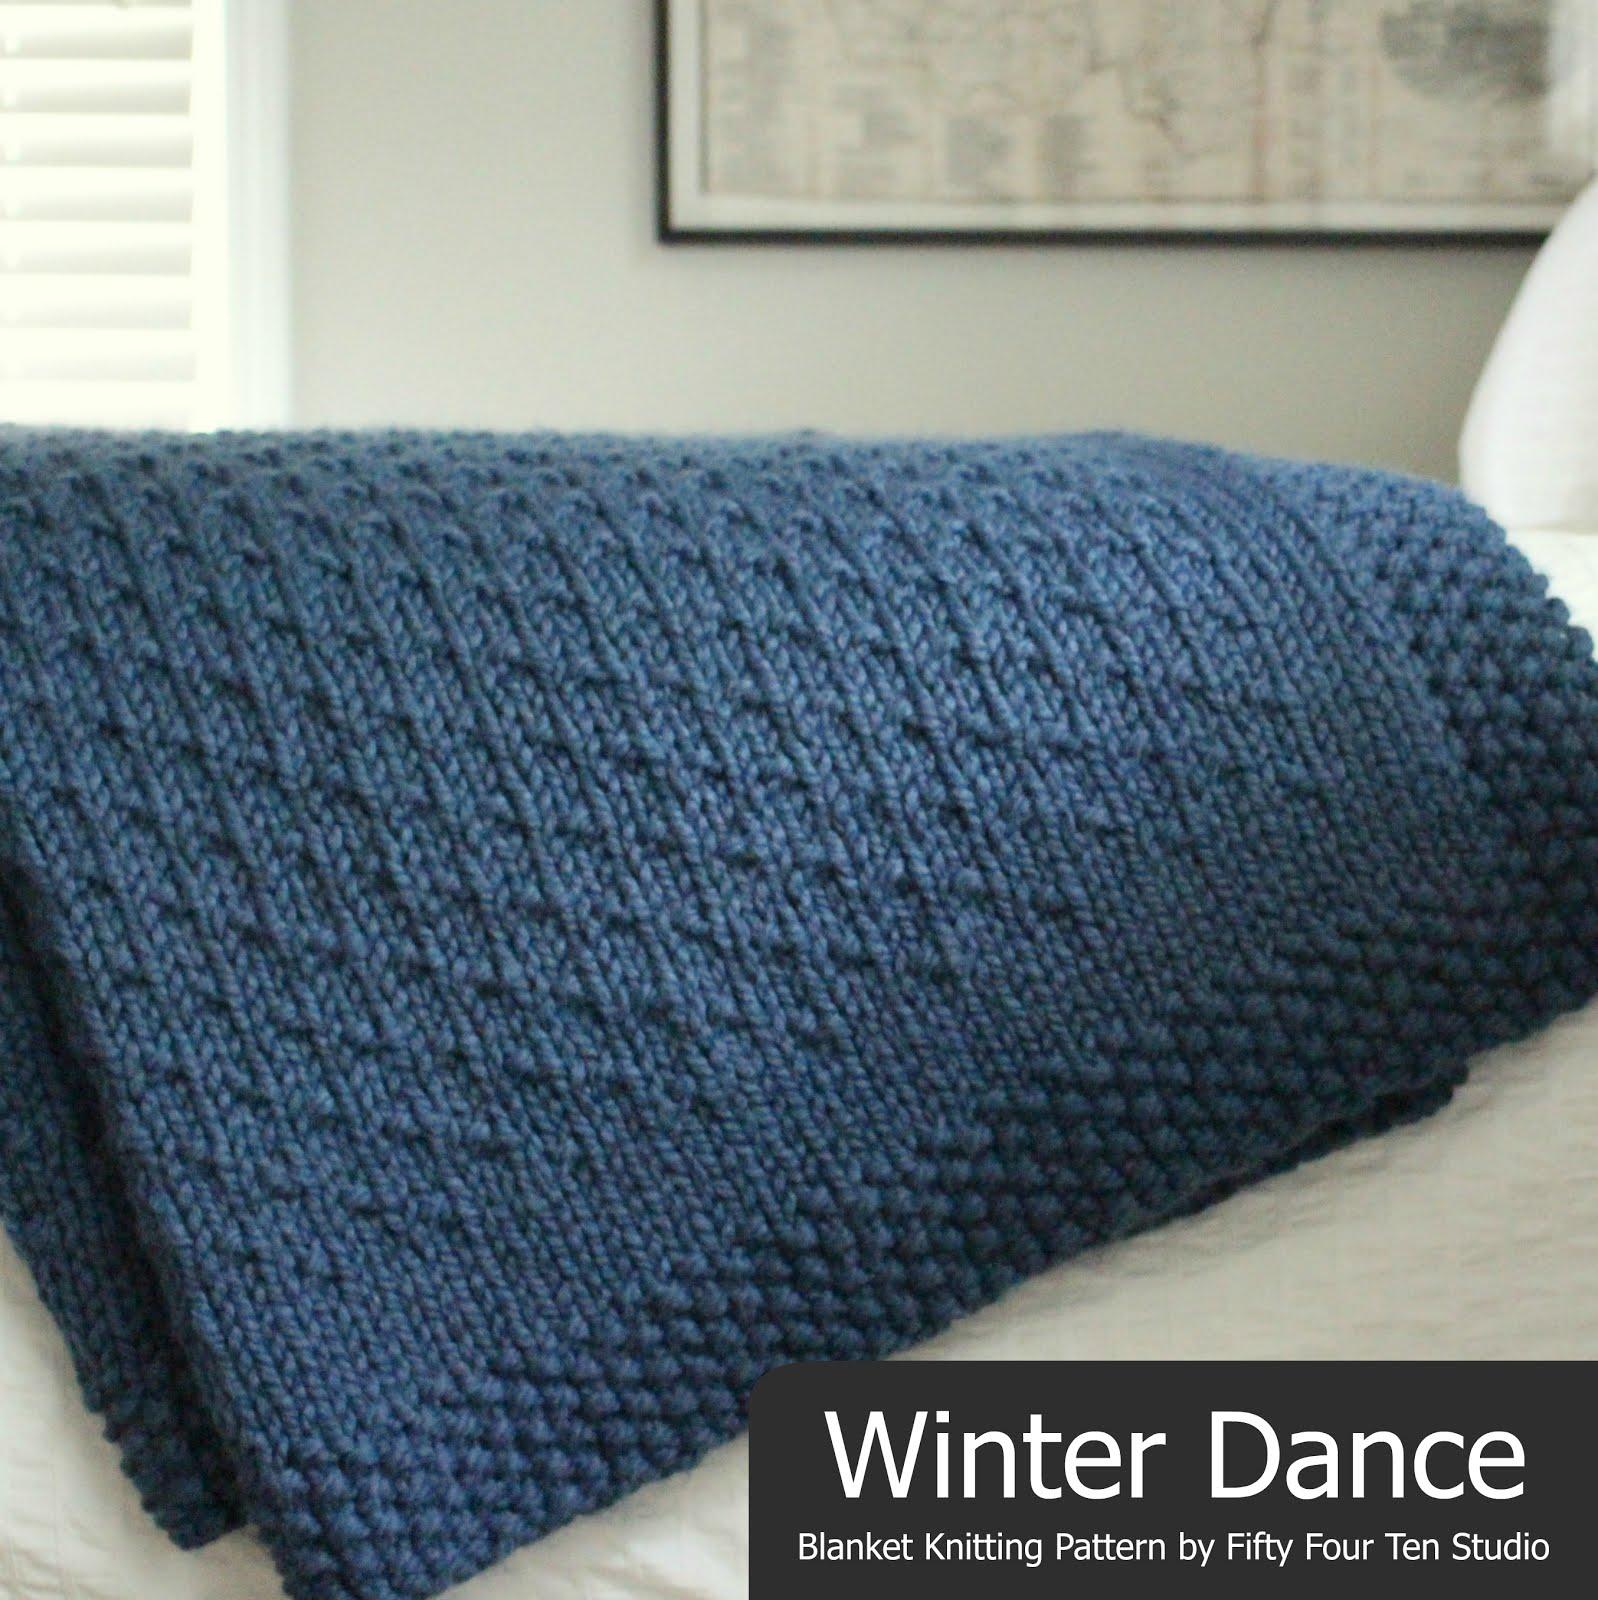 Fifty Four Ten Studio: New Cozy Blanket Knitting Pattern - Winter Dance